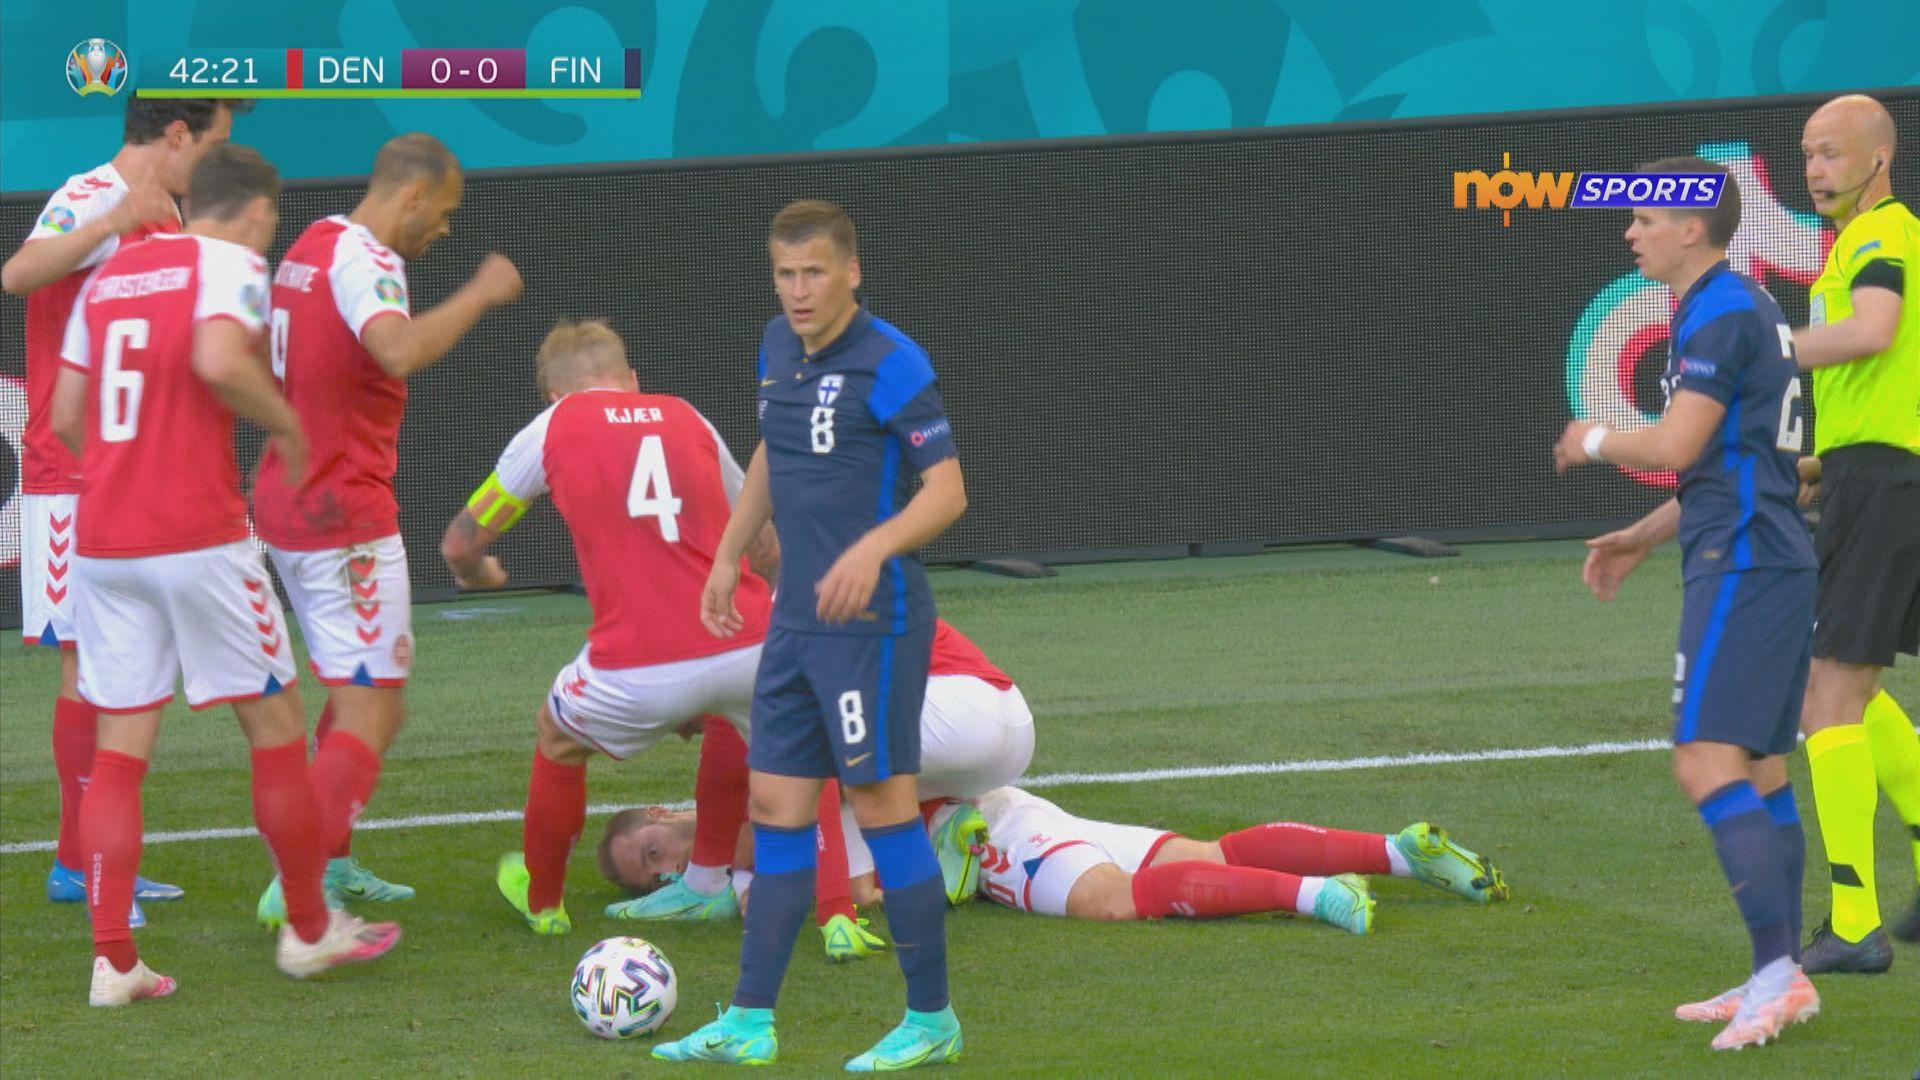 丹麥中場艾歷臣比賽期間暈倒 卡亞關鍵處理救其一命